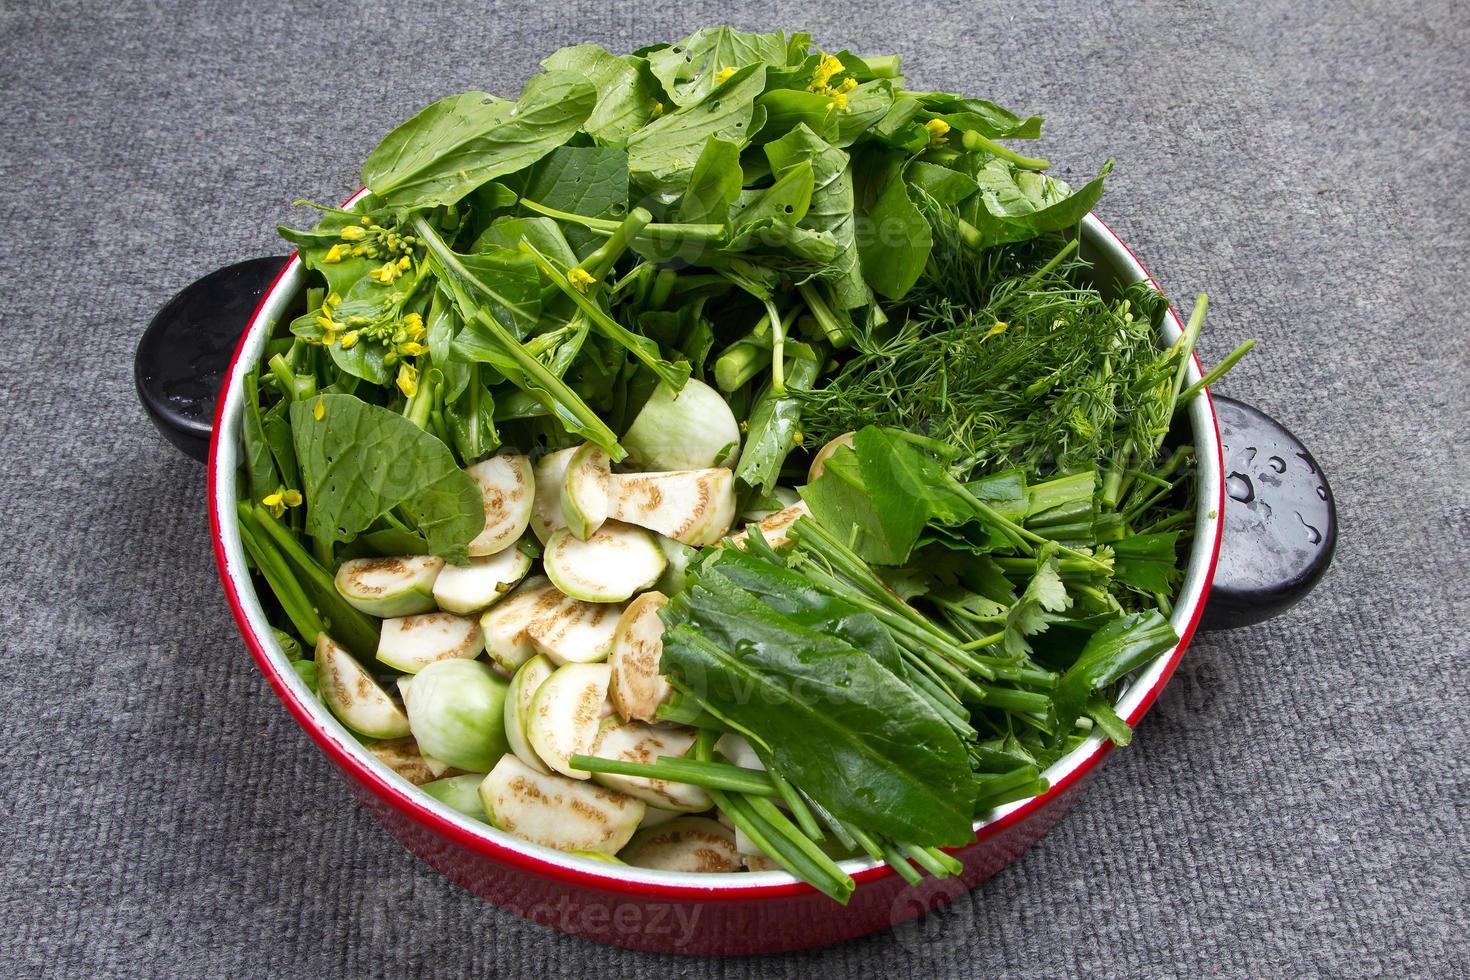 gröna grönsaker skivade för matlagning foto